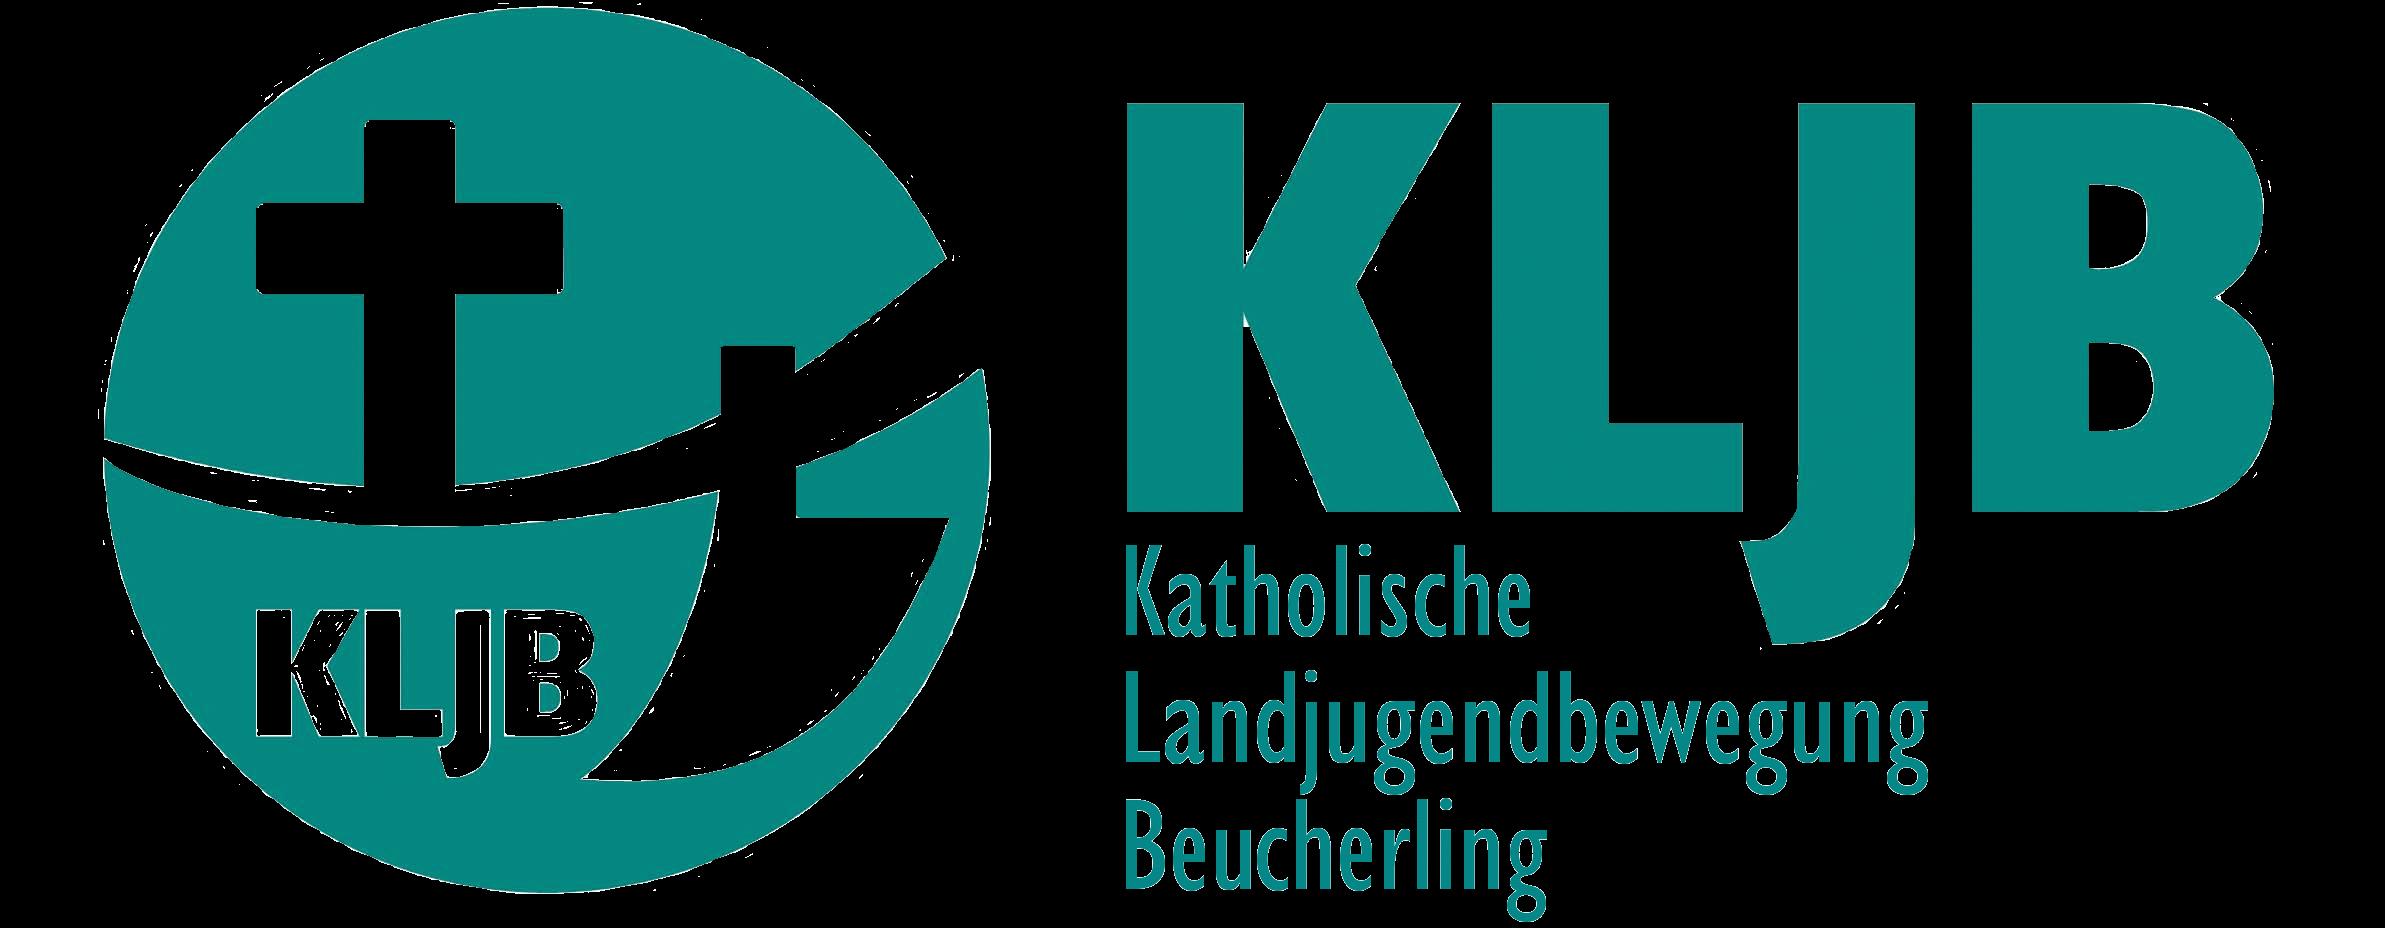 KLJB Beucherling